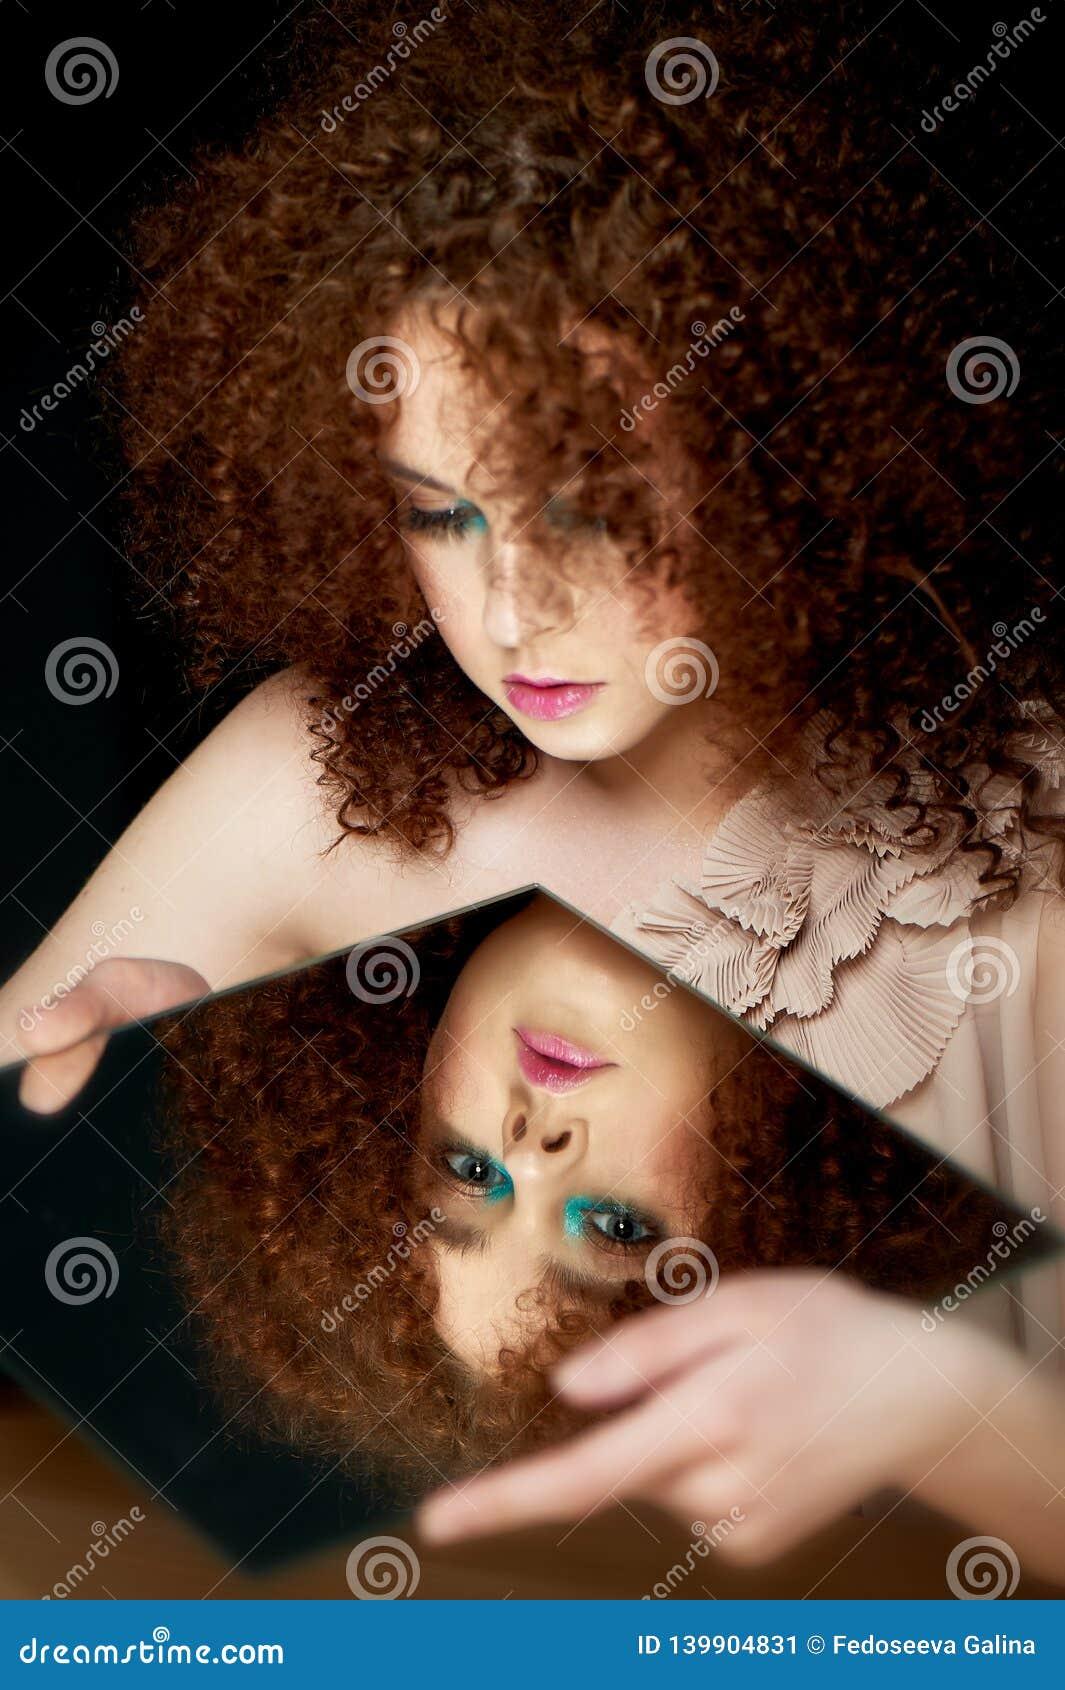 Девушка с сочными курчавыми красными волосами смотреть зеркало Тайна, предчувствие будущего его отражение внутренний взгляд